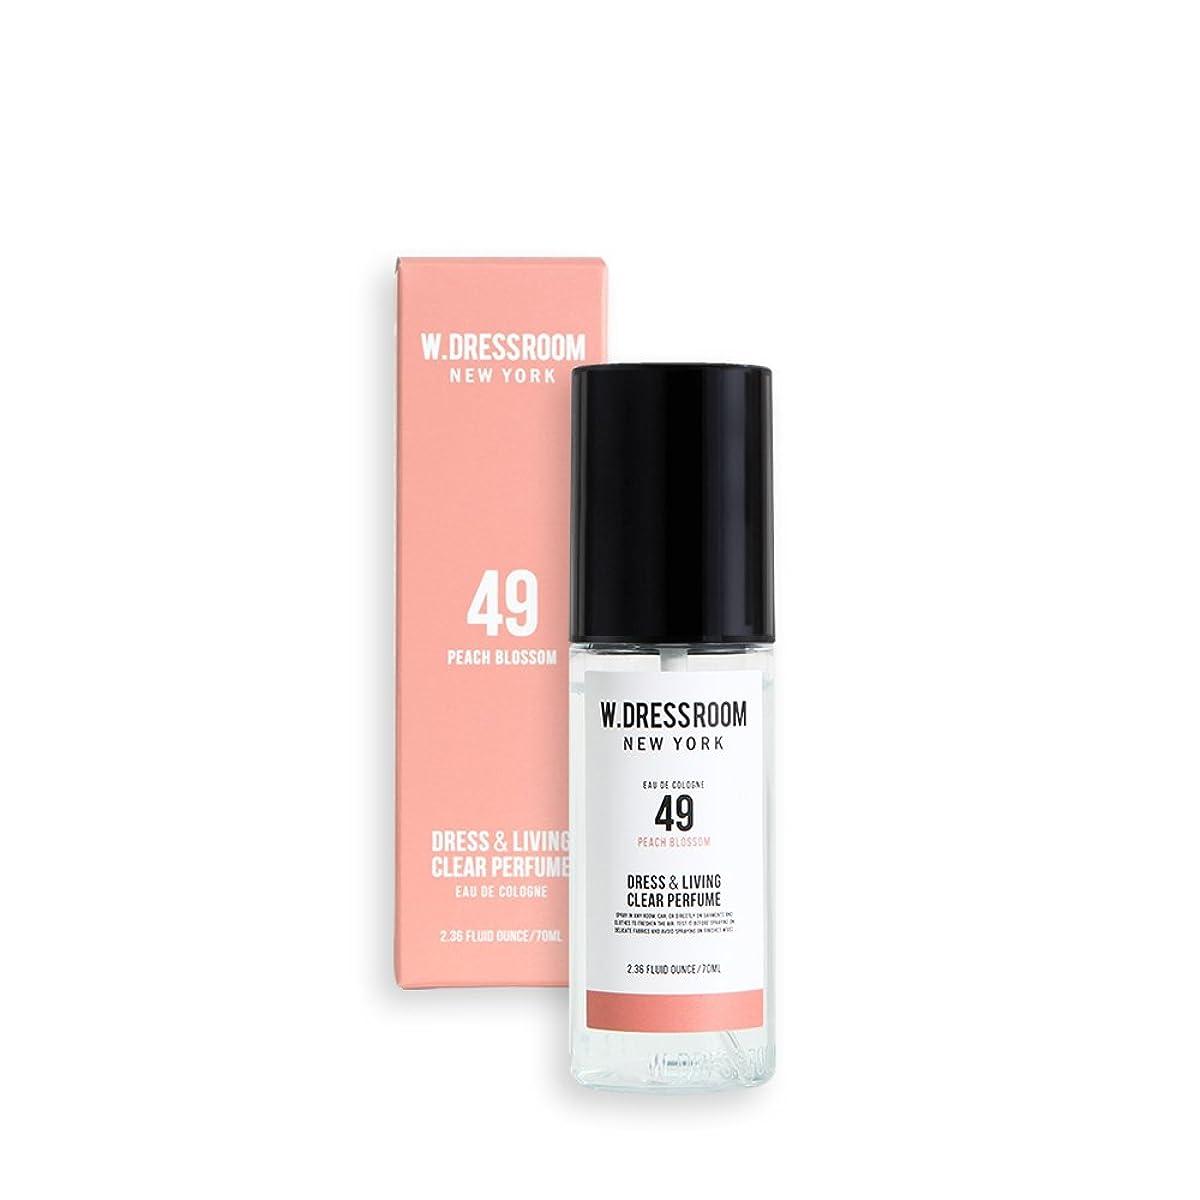 加速するタフしなければならないW.DRESSROOM Dress & Living Clear Perfume 70ml (#No.49 Peach Blossom)/ダブルドレスルーム ドレス&リビング クリア パフューム 70ml (#No.49 Peach Blossom) [並行輸入品]